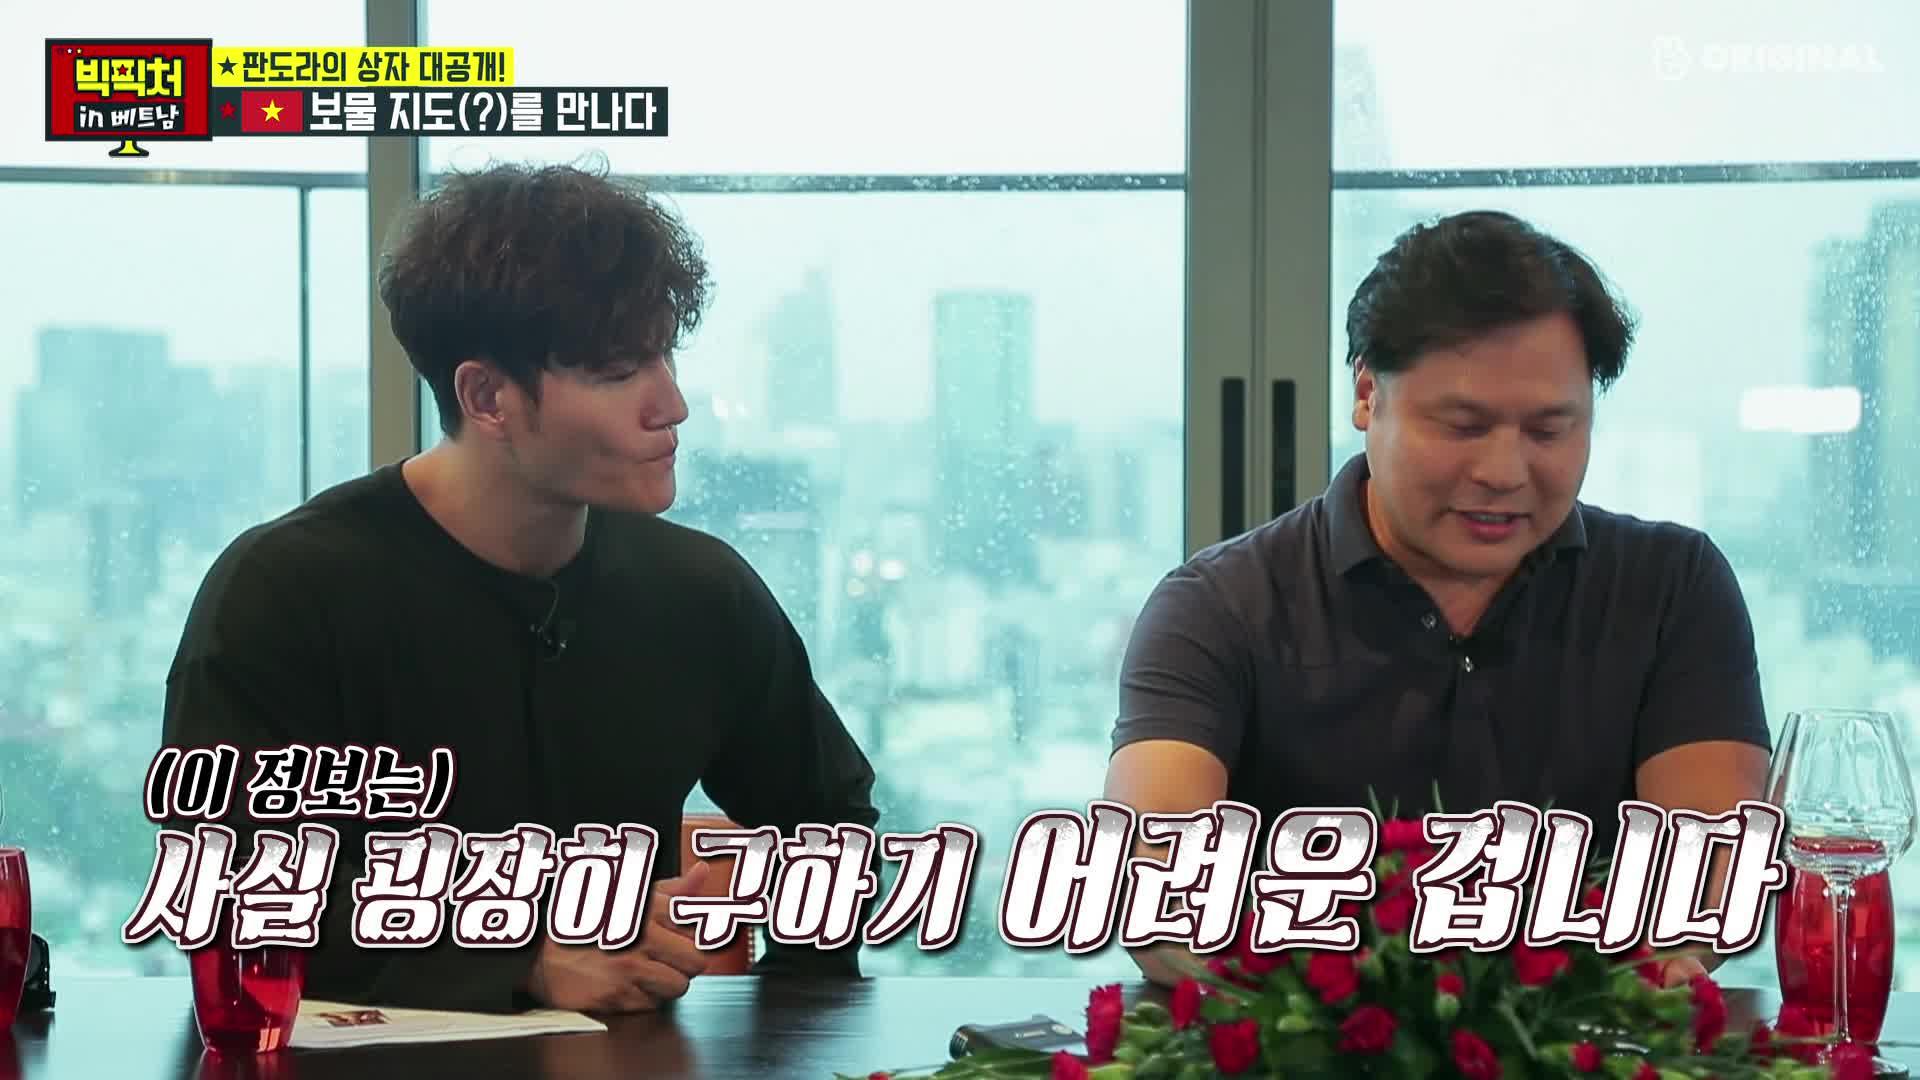 빅픽처 스페셜시즌 깜짝 영상07_베트남에서 찾은 보물지도(?)